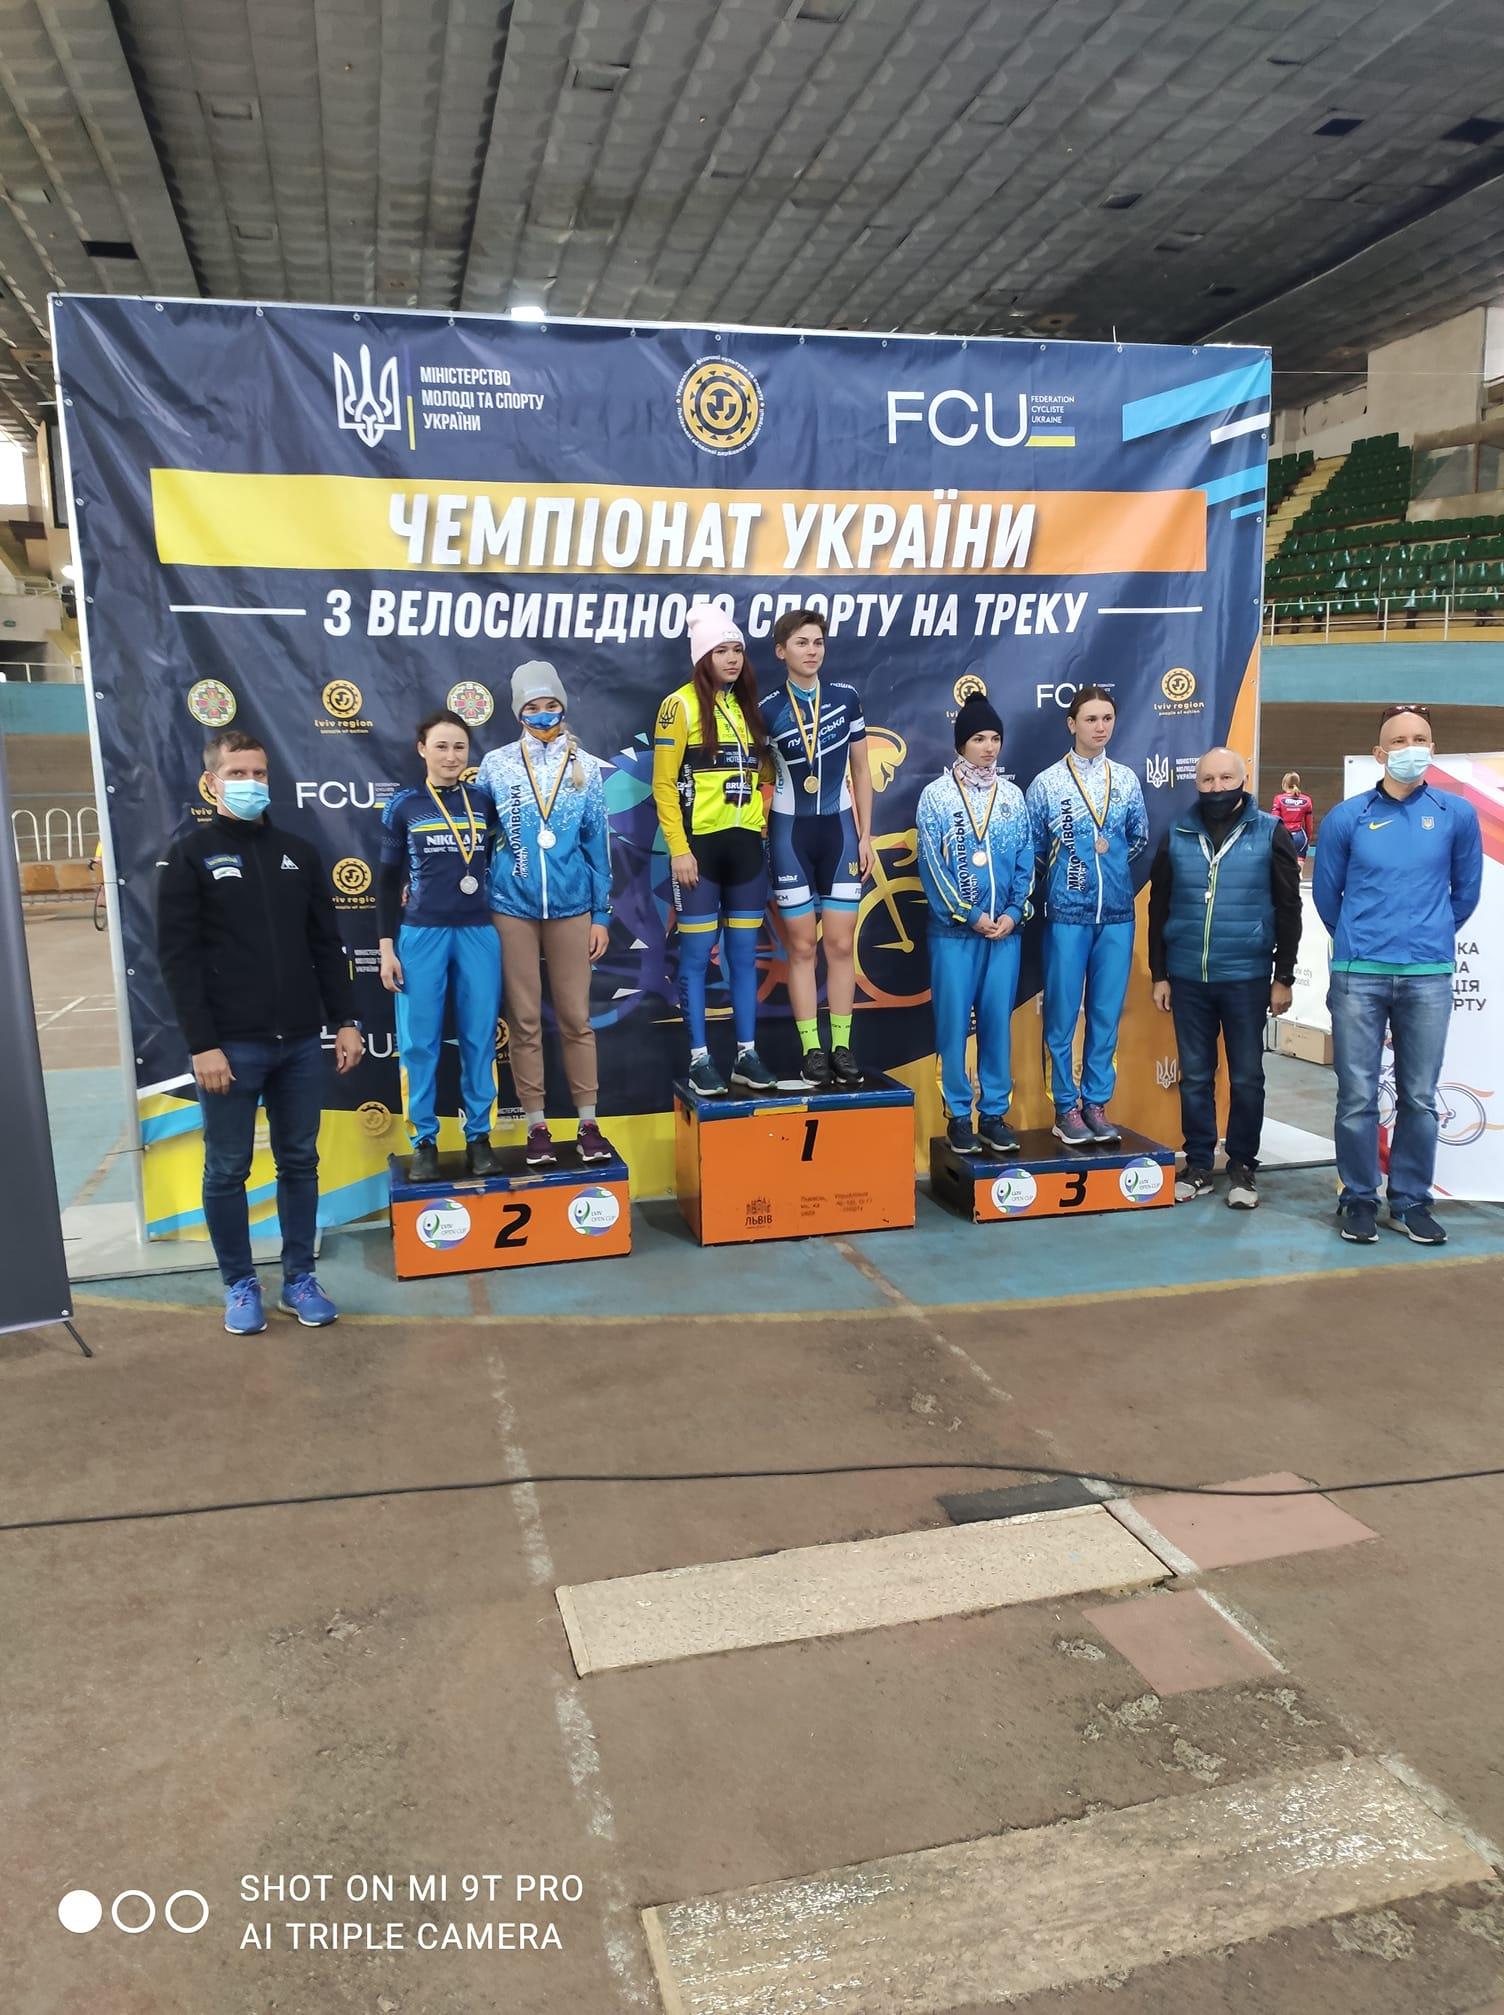 чемпіонат України з велоспорту на треку, Львів. фото